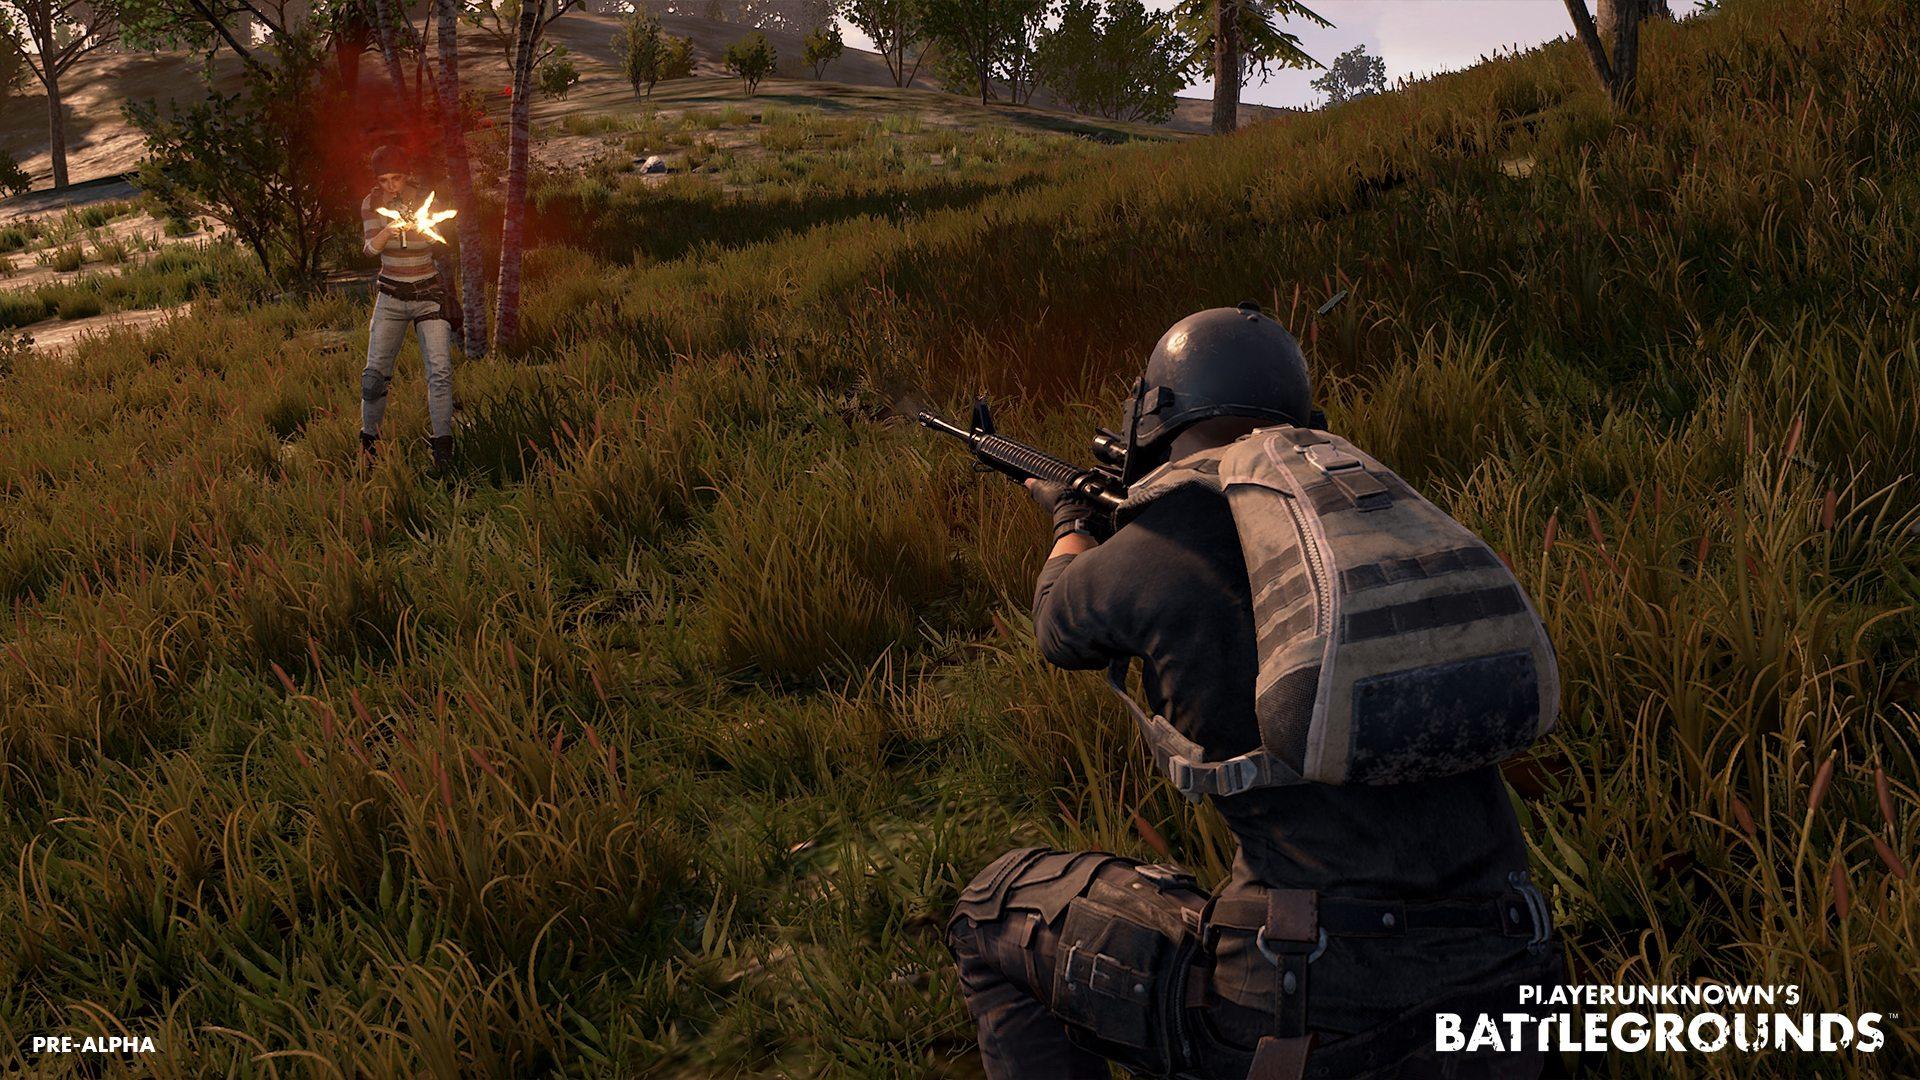 1920x1080 Playerunknowns Battlegrounds 5k Screenshot: Playerunknown's Battlegrounds Update: Here's What's New